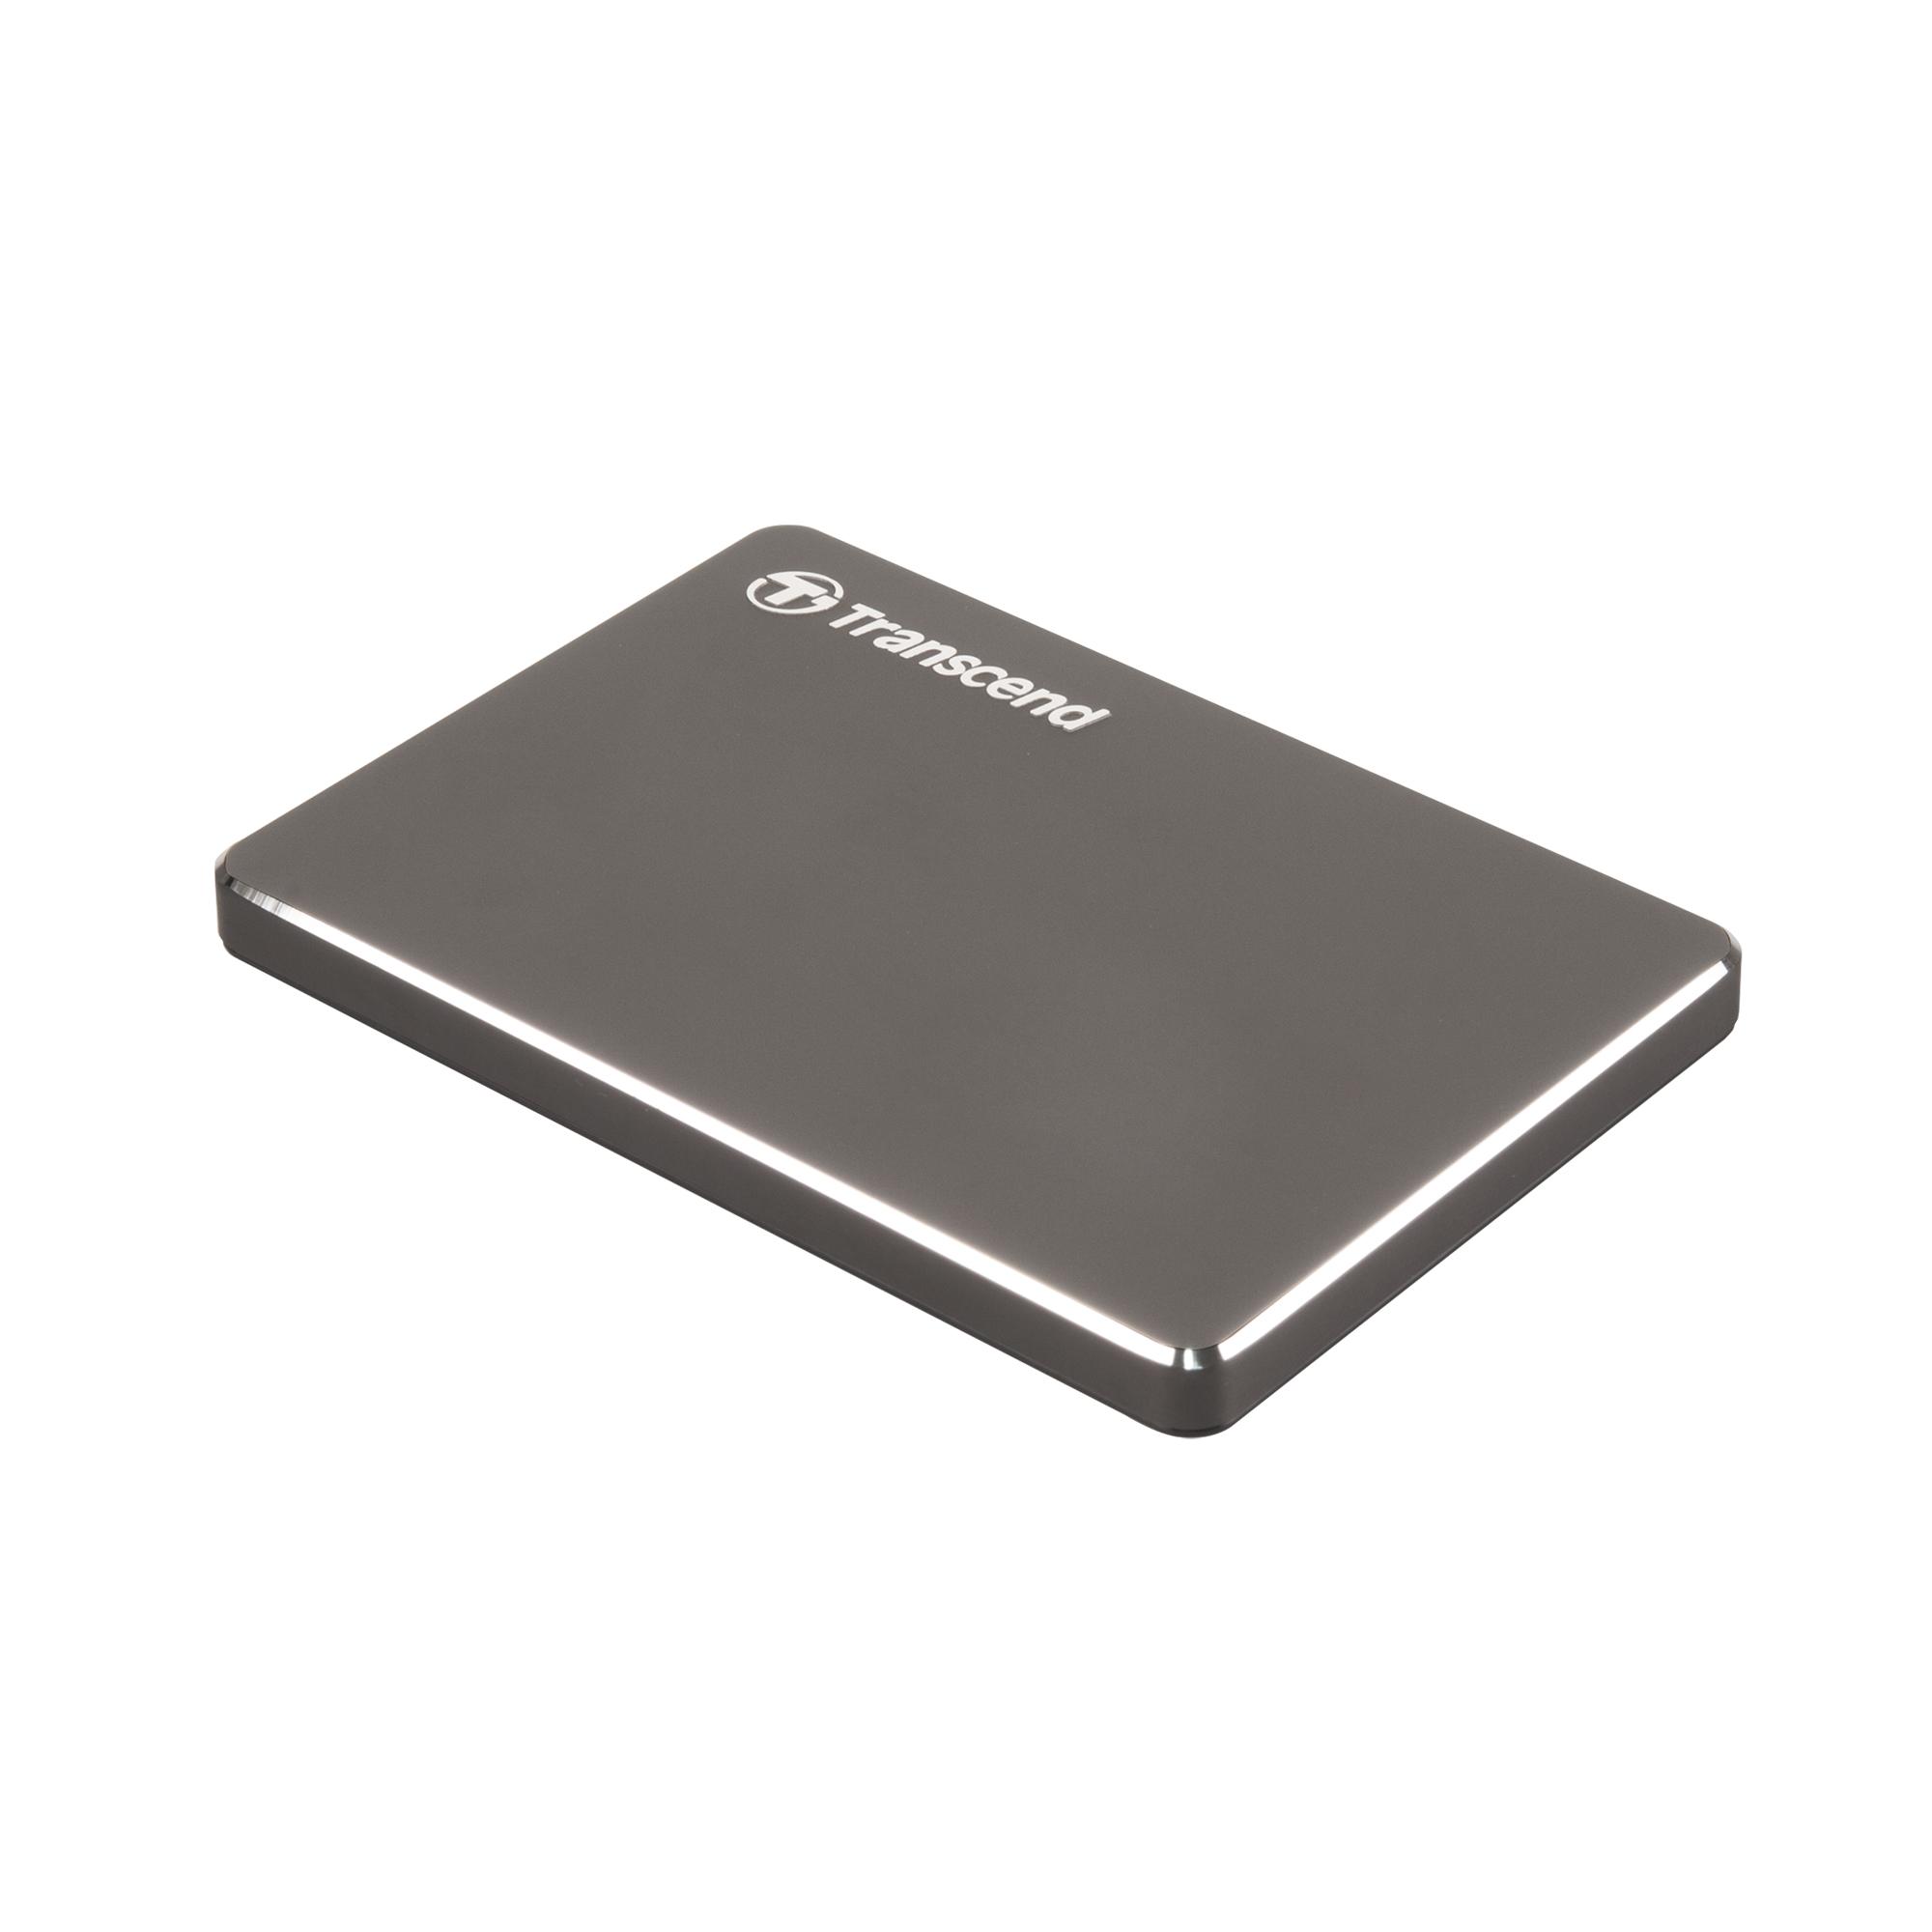 外接式硬碟 / 創見資訊股份有限公司